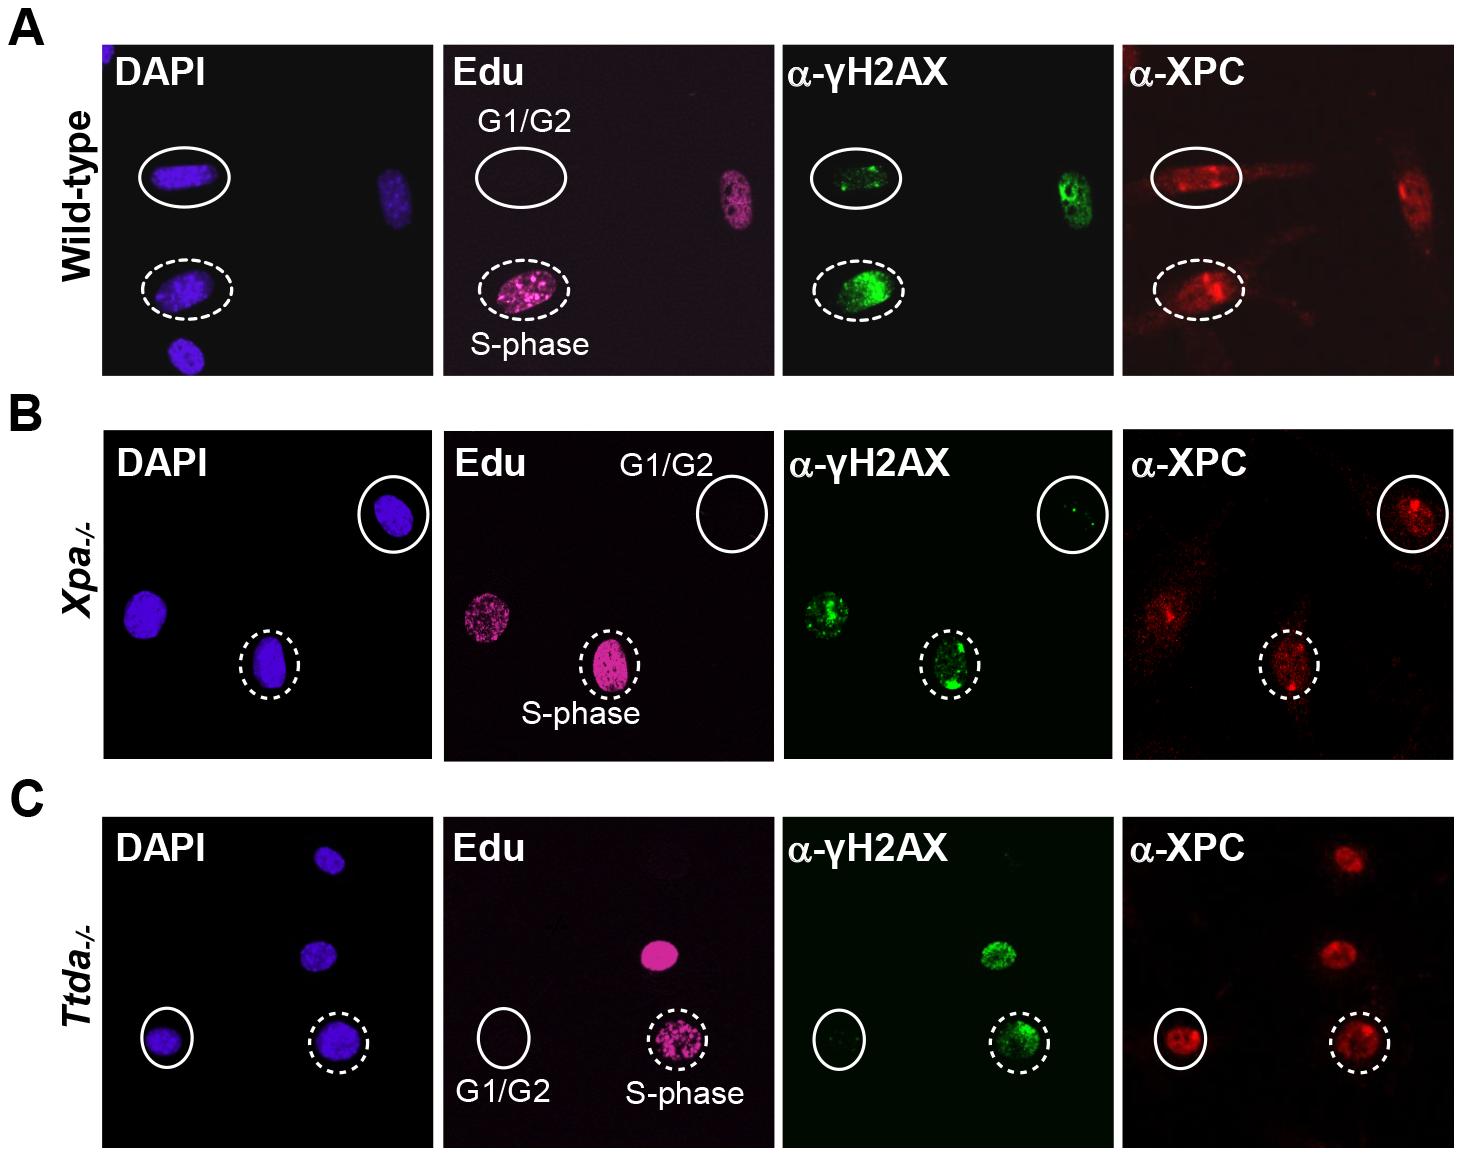 γH2AX signaling is abolished in <i>Ttda<sup>−/−</sup></i> MEFs.